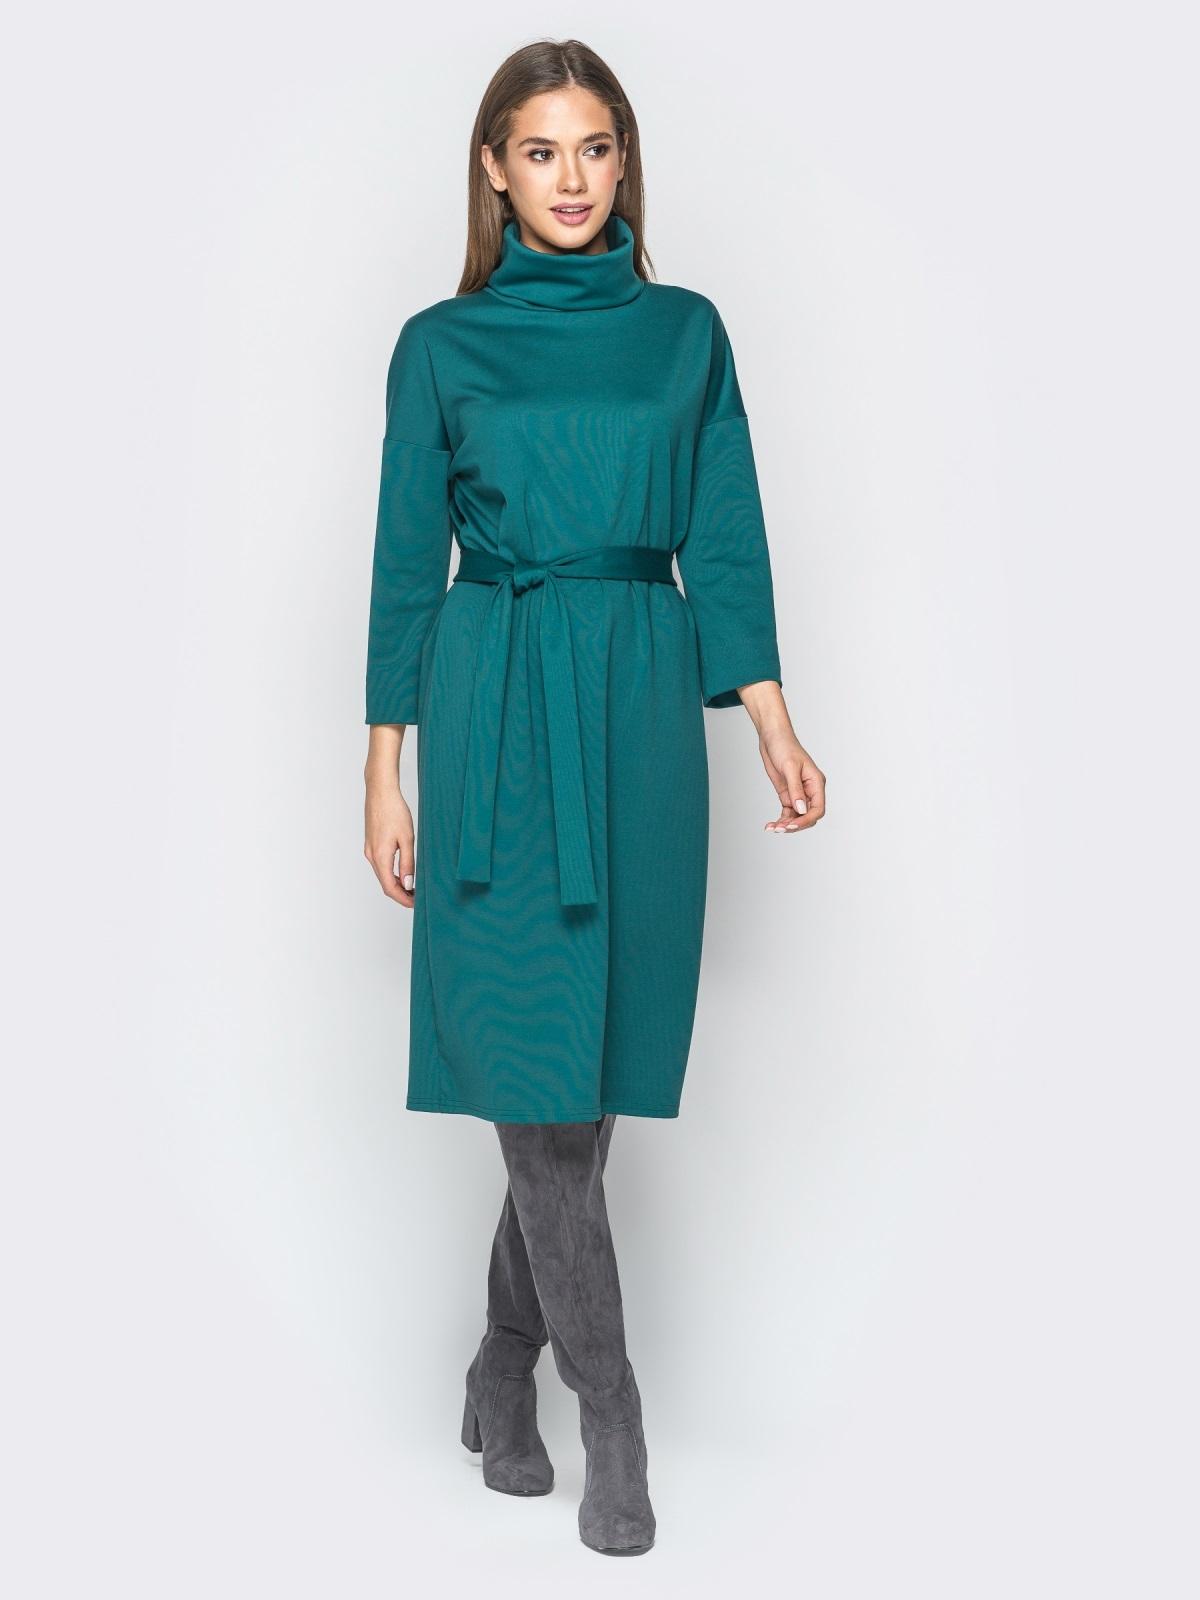 Платье из французского трикотажа с воротником-хомут зелёное - 18276, фото 1 – интернет-магазин Dressa